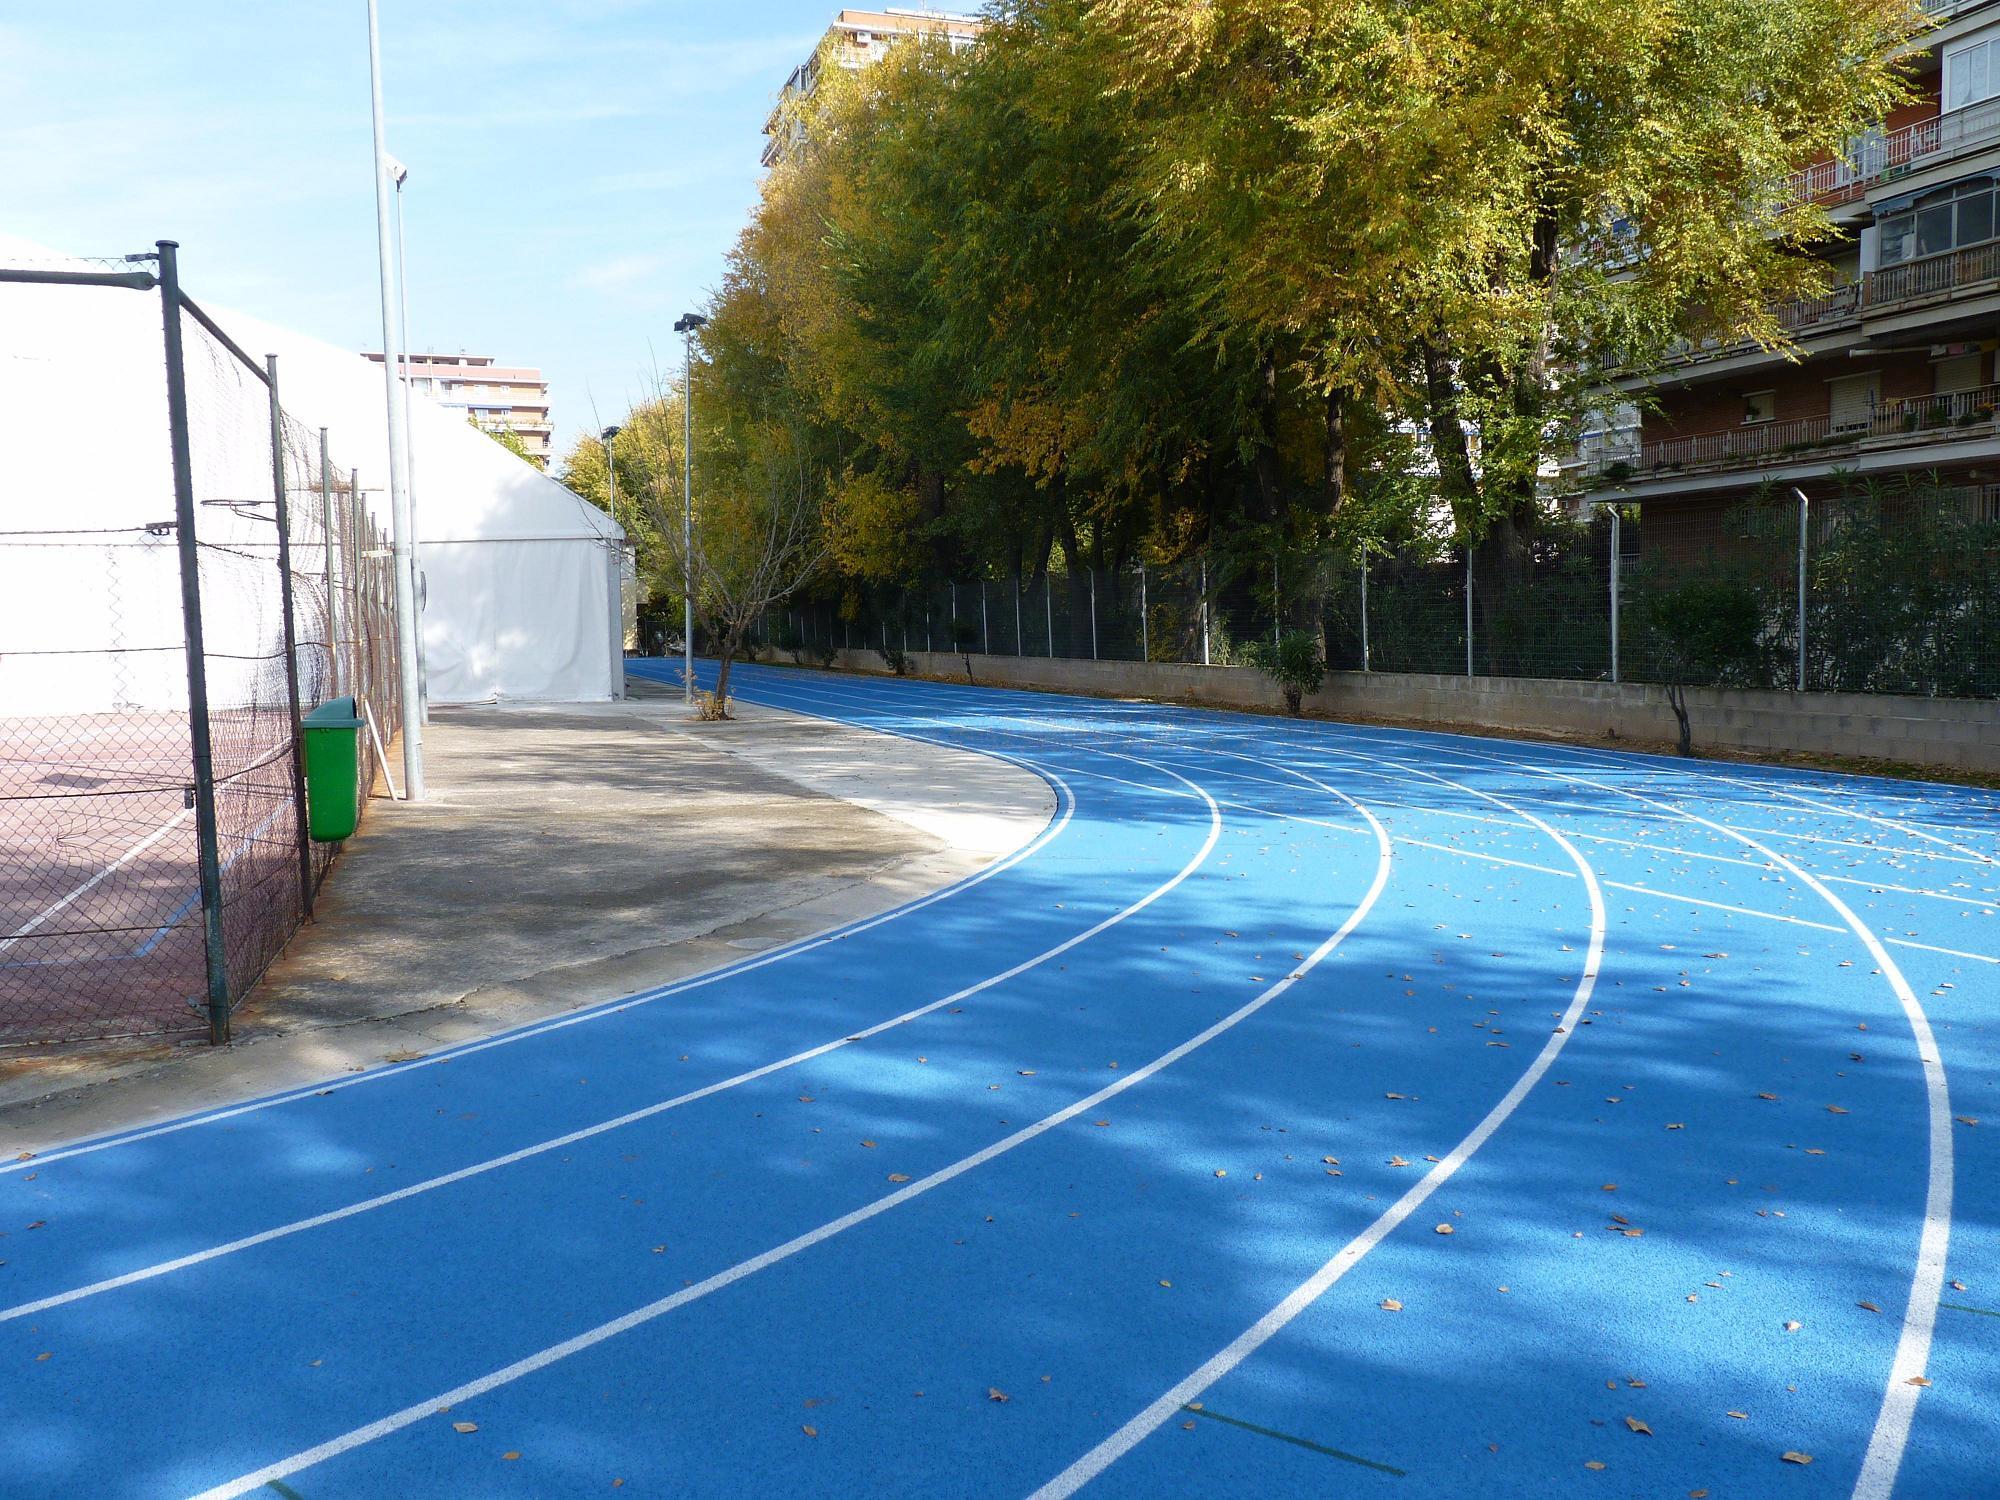 Club Deportivo Parque Cataluña